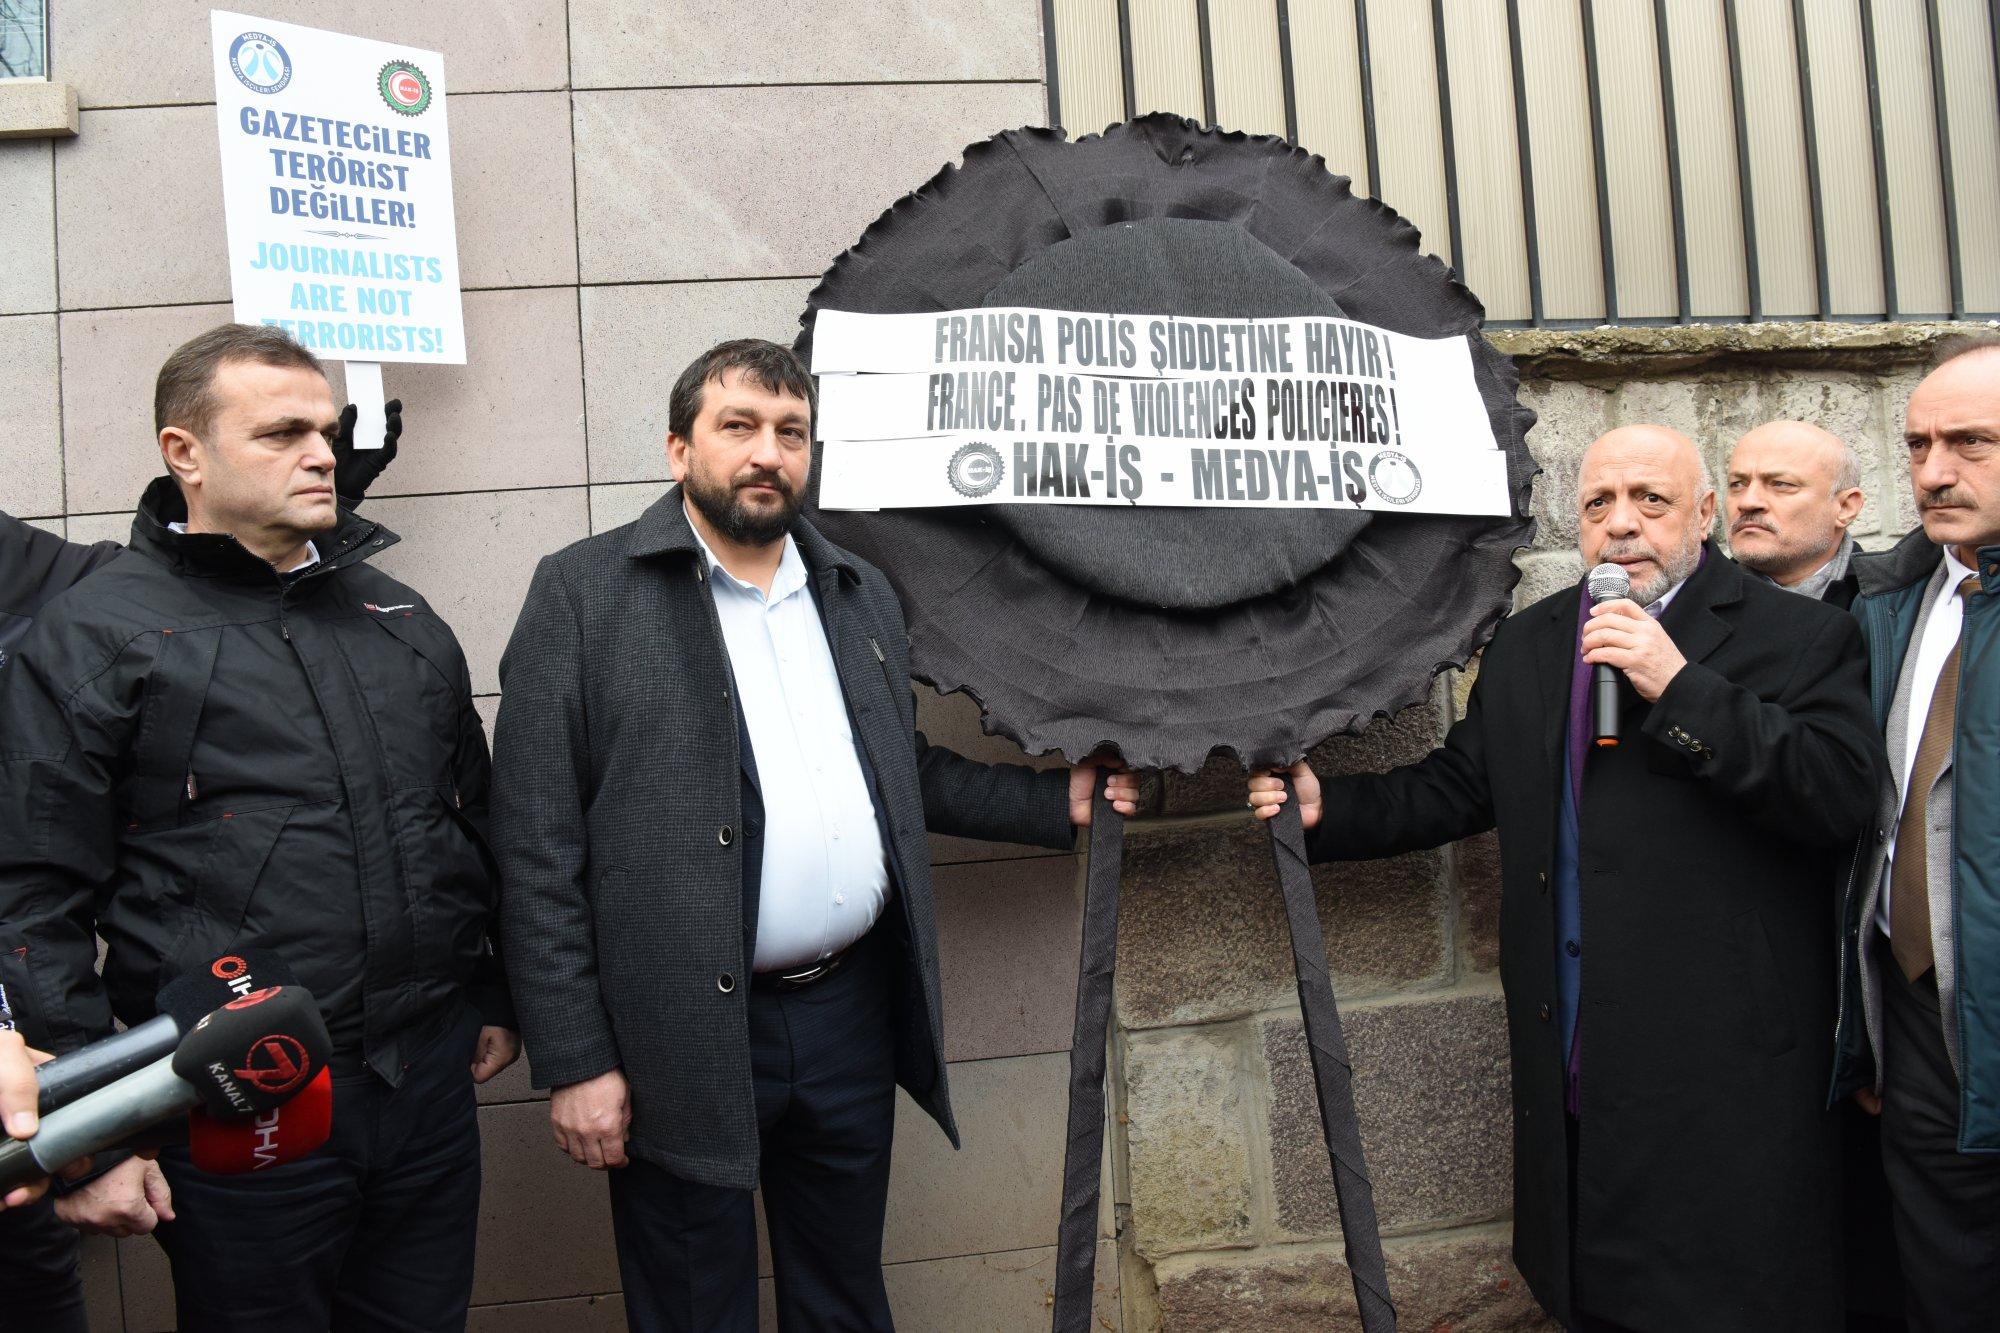 HAK-İŞ'TEN GAZETECİ MUSTAFA YALÇIN İÇİN FRANSAYA PROTESTO EYLEMİ